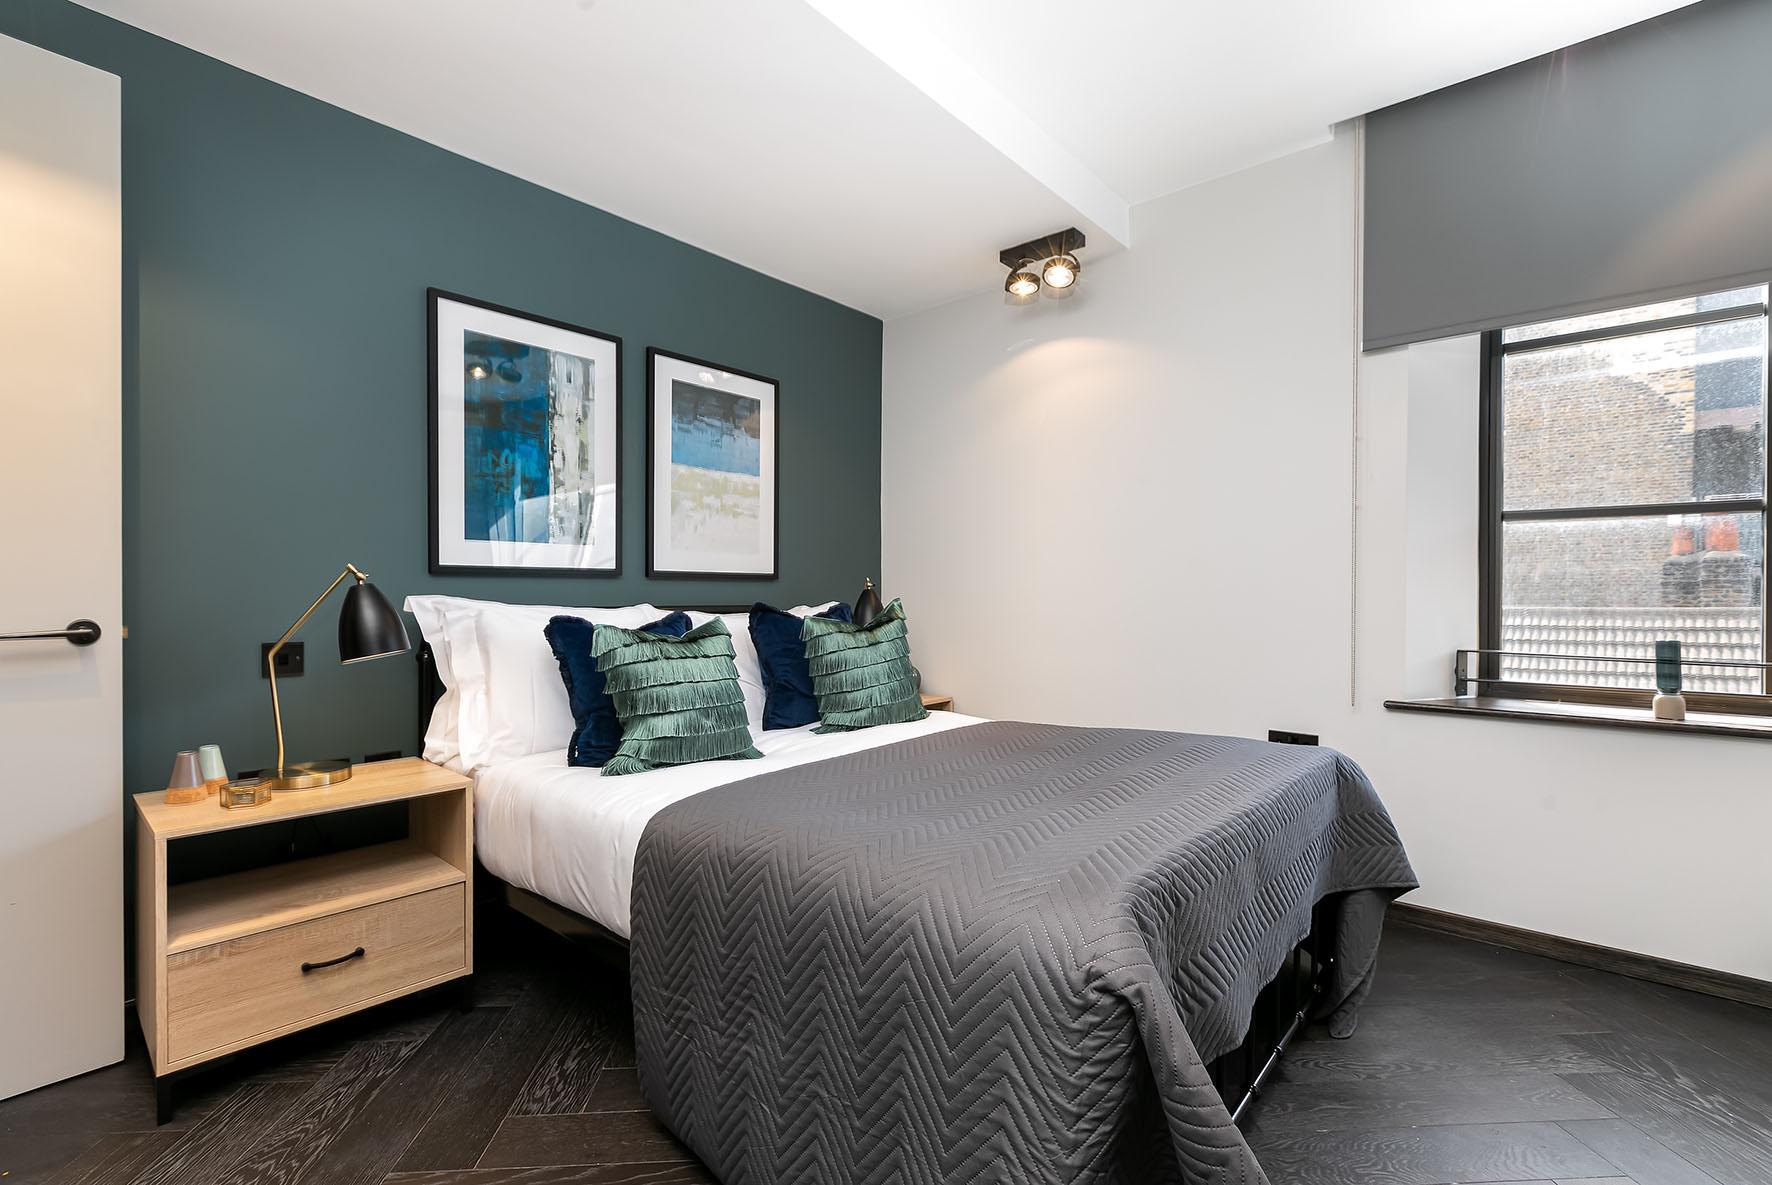 Lovelydays luxury service apartment rental - London - Soho - Noel Street VI - Lovelysuite - 2 bedrooms - 2 bathrooms - Queen bed - 234efbc47436 - Lovelydays